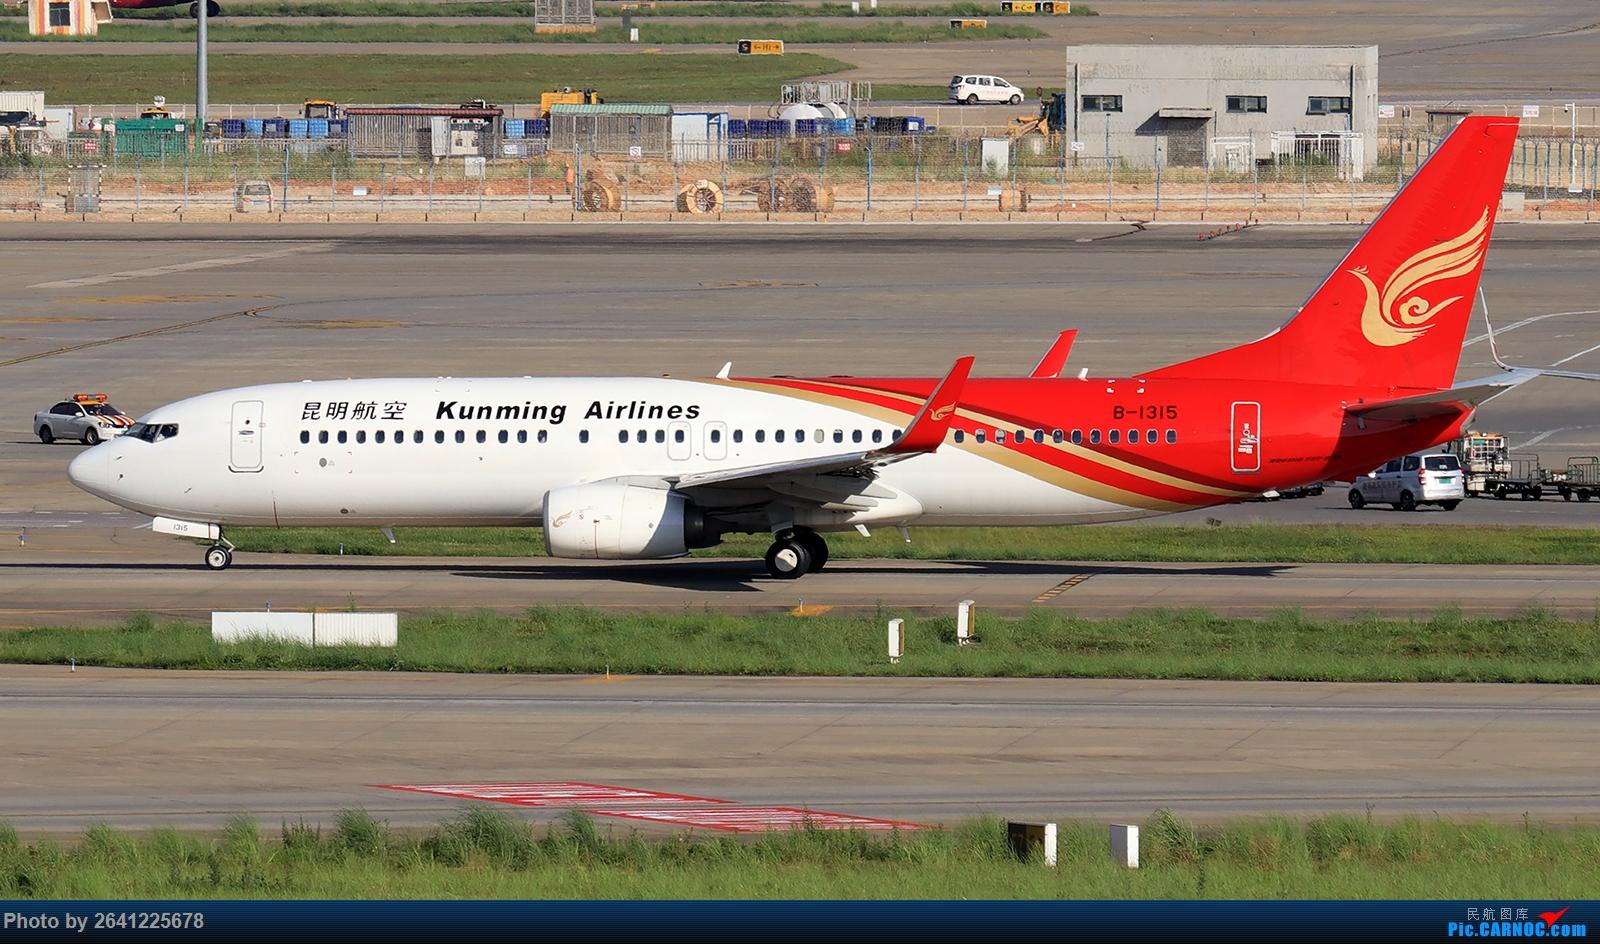 Re:[原创]【KMG】又见长水(3)——晴天西跑,你们要的宽体都在这了(图略多,看官慢慢看) BOEING 737-800 B-1315 中国昆明长水国际机场